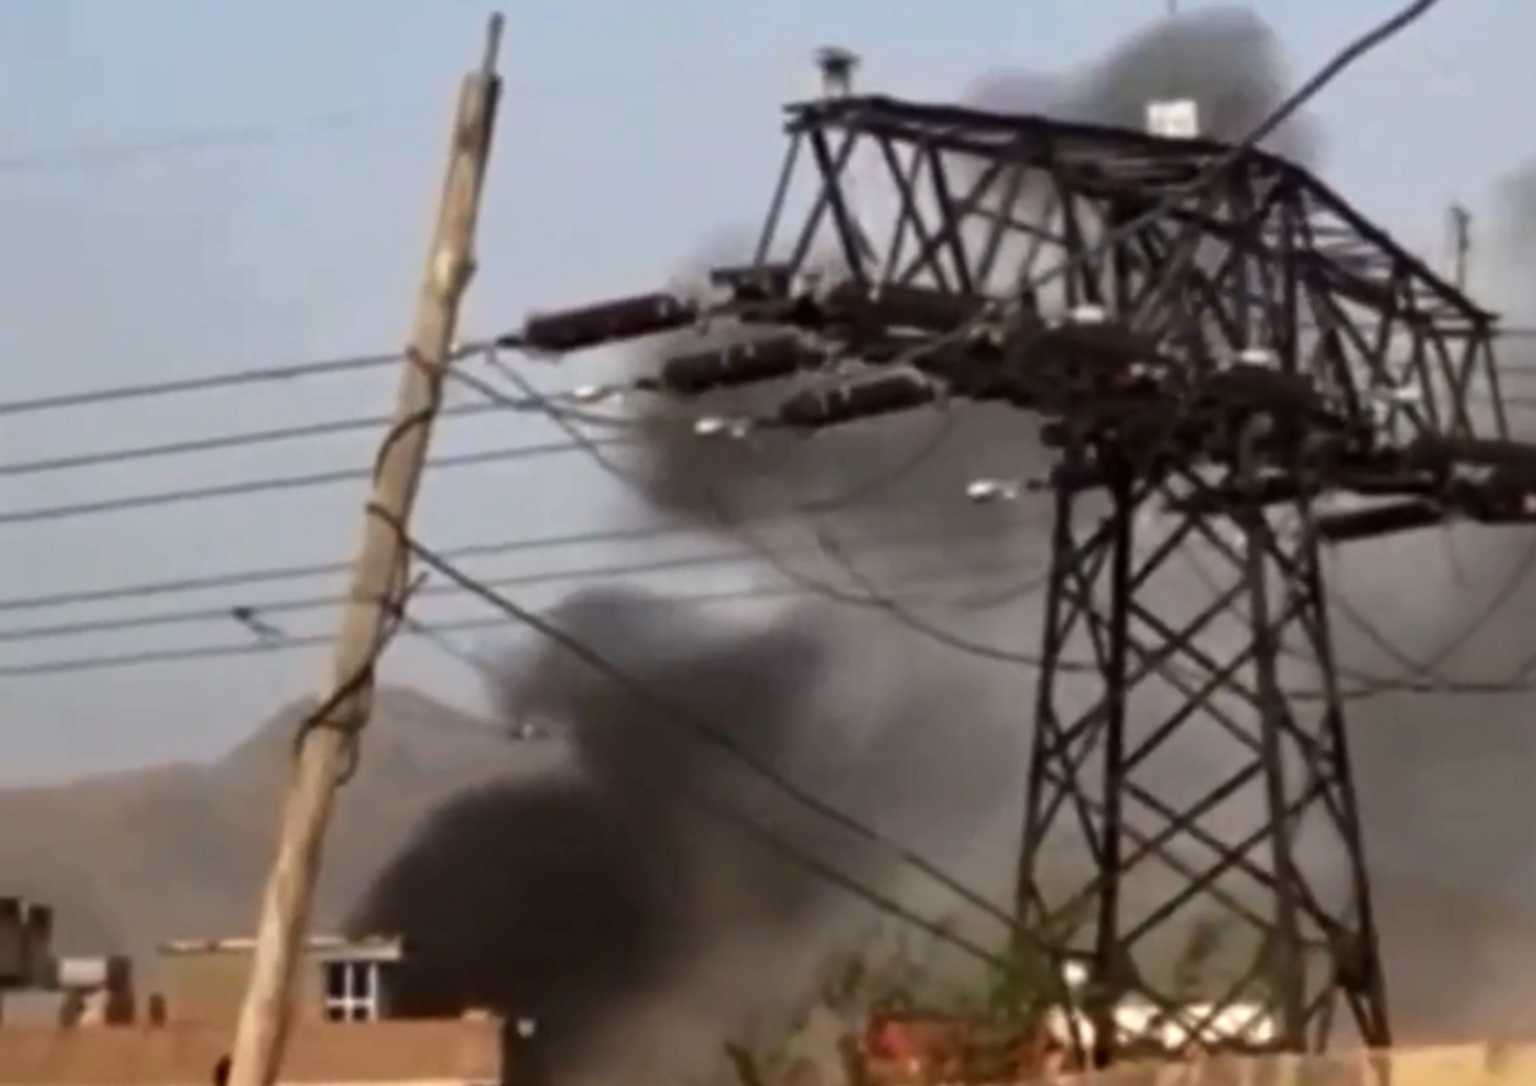 Έκρηξη στην Καμπούλ: Ρουκέτα έπεσε σε σπίτι – Νεκροί και τραυματίες